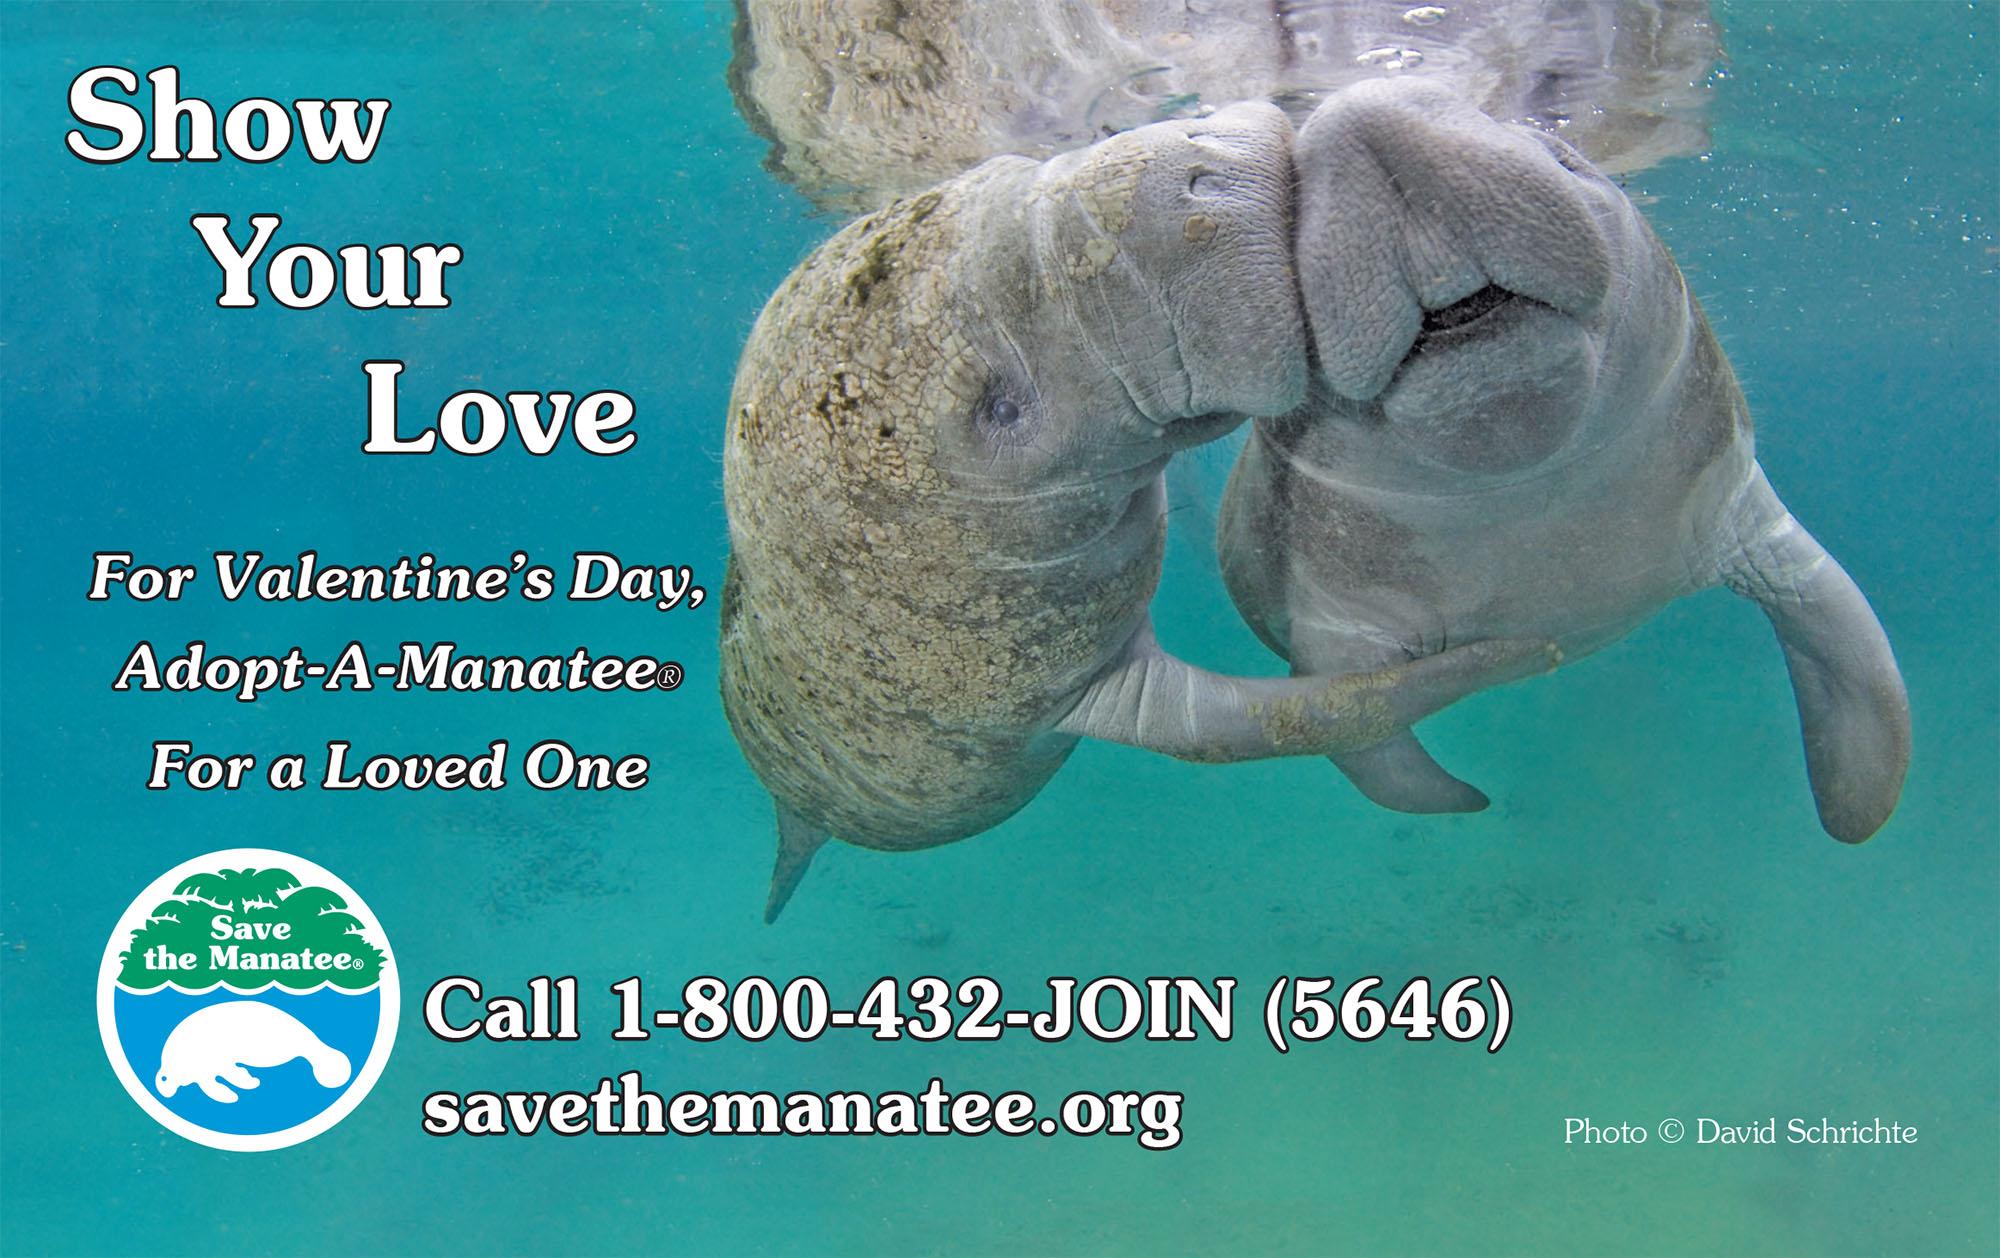 SMC_PSA_Valentine_2015_HalfPage.indd